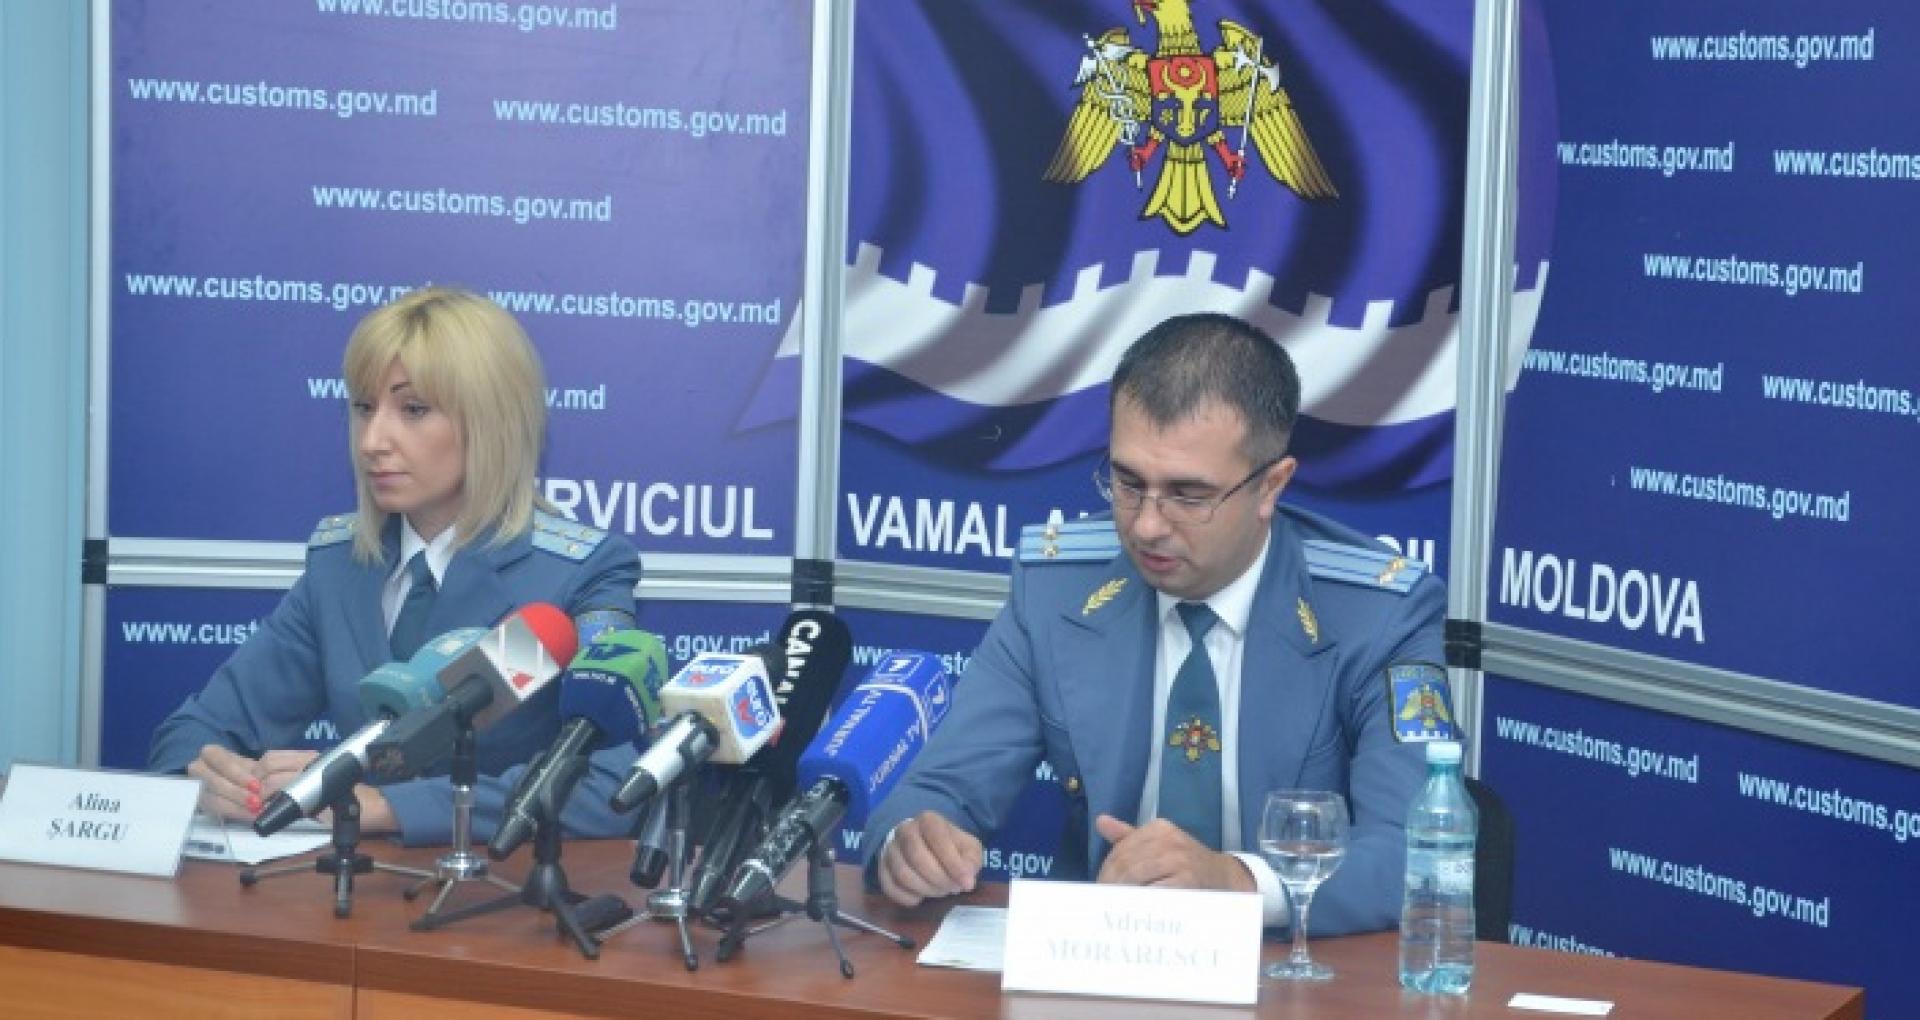 Adrian Morărescu și-a dat demisia din funcția de șef adjunct al Serviciului Vamal